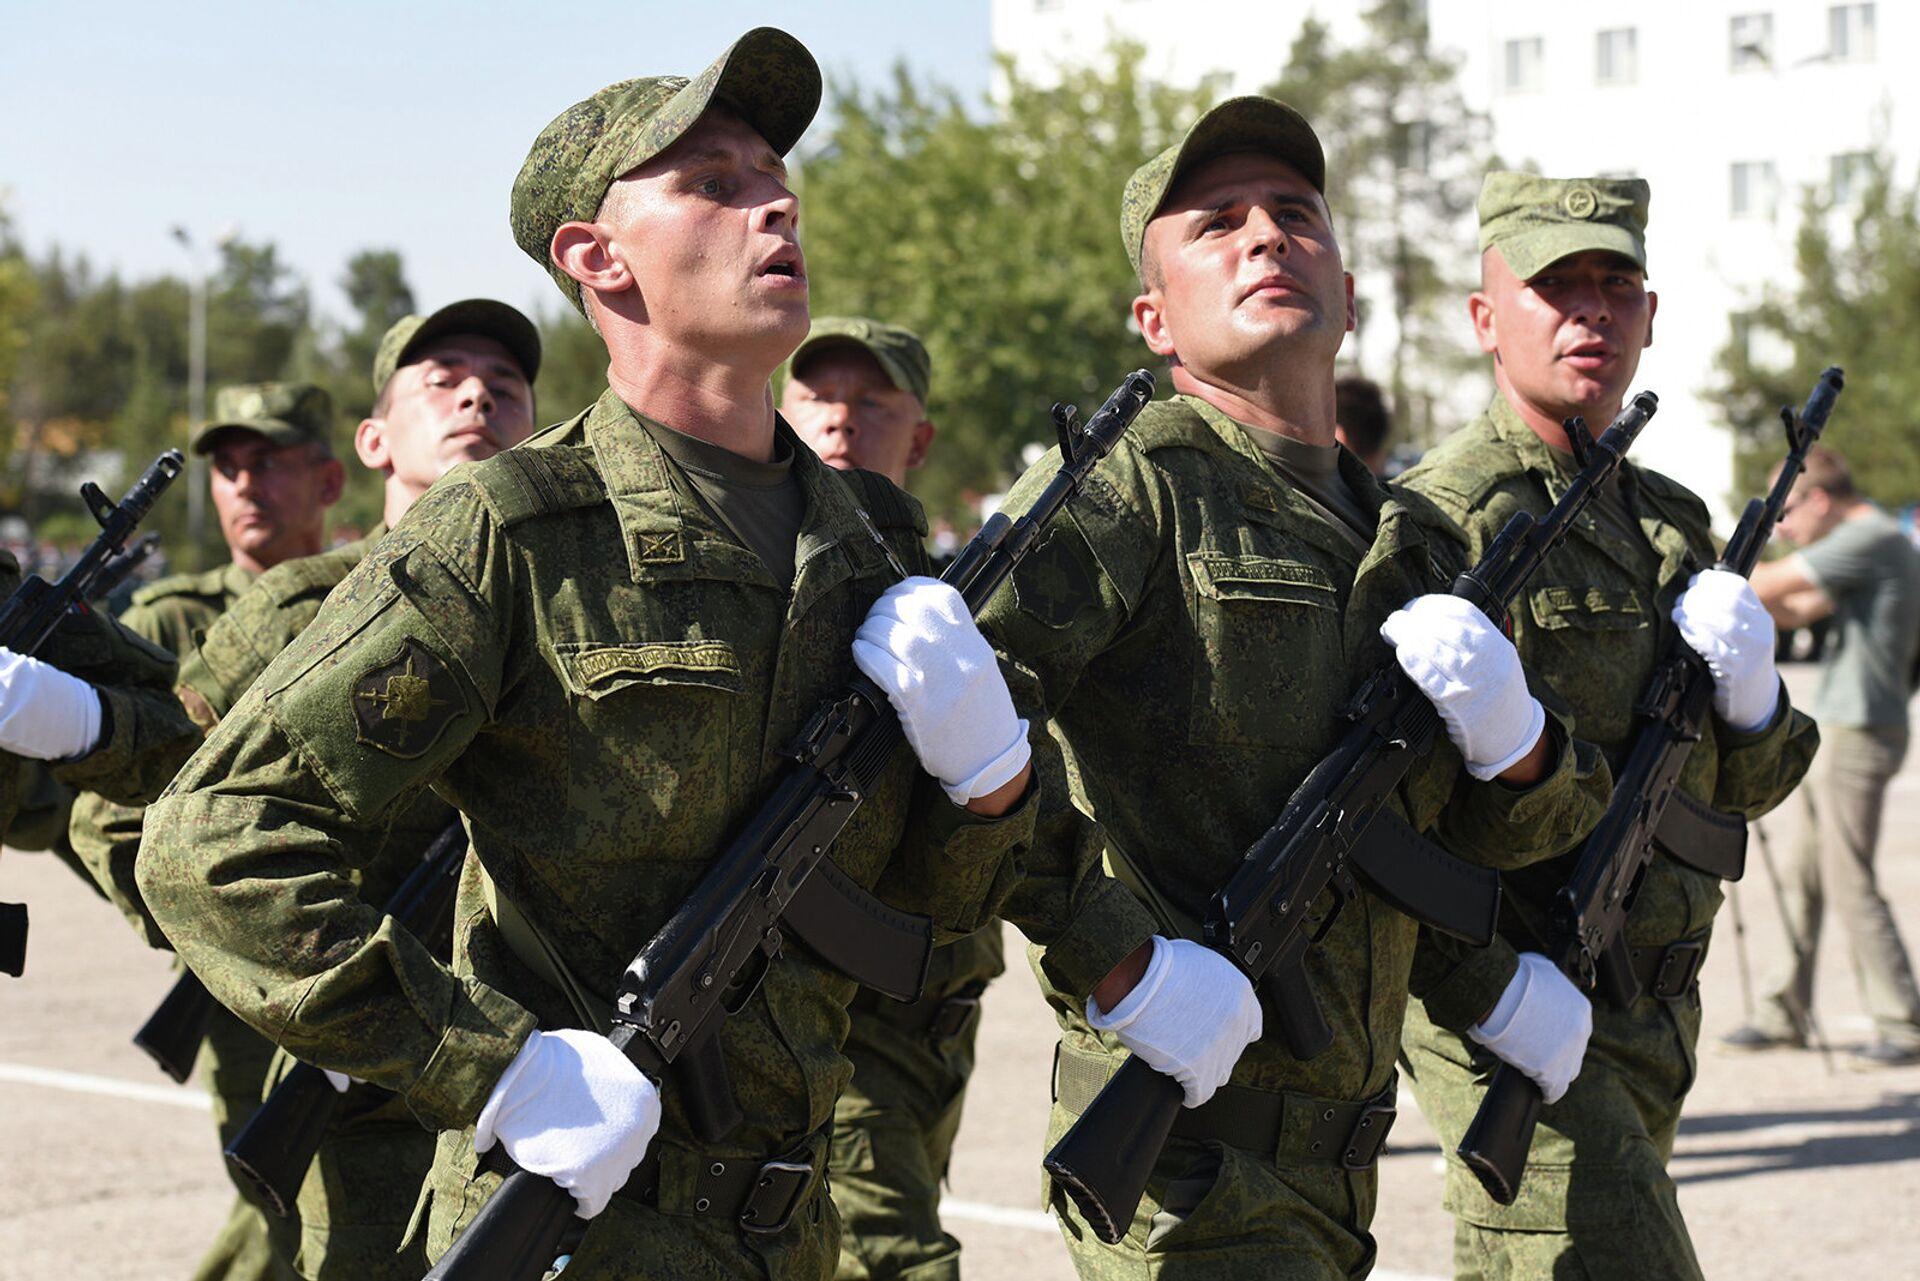 Праздник в 201-ой РВБ отметили военным парадом и концертом - Sputnik Тоҷикистон, 1920, 30.09.2021